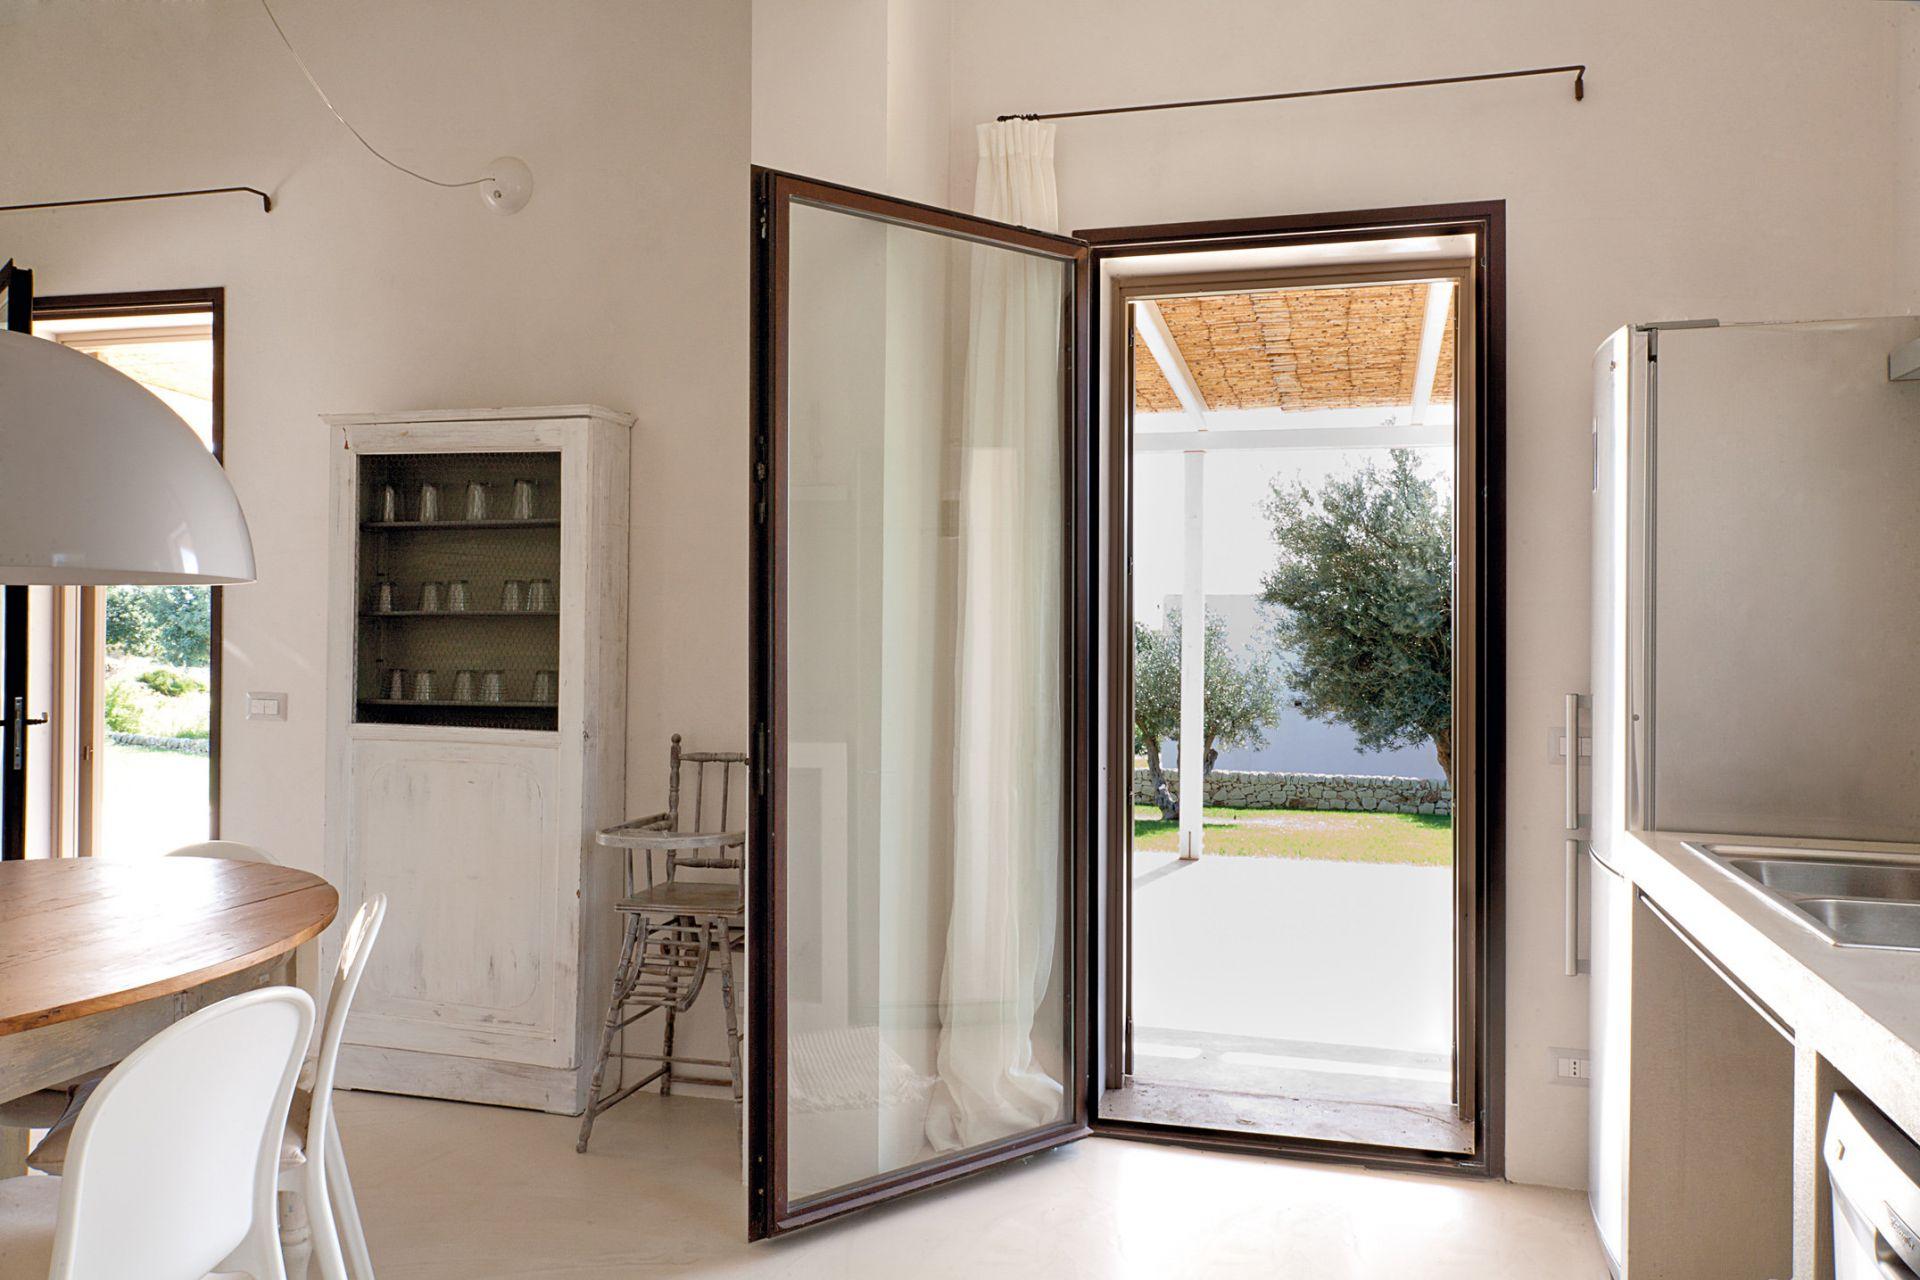 Infissi in acciaio corten a taglio freddo per villetta scicli sicilia - Porta finestra misure ...